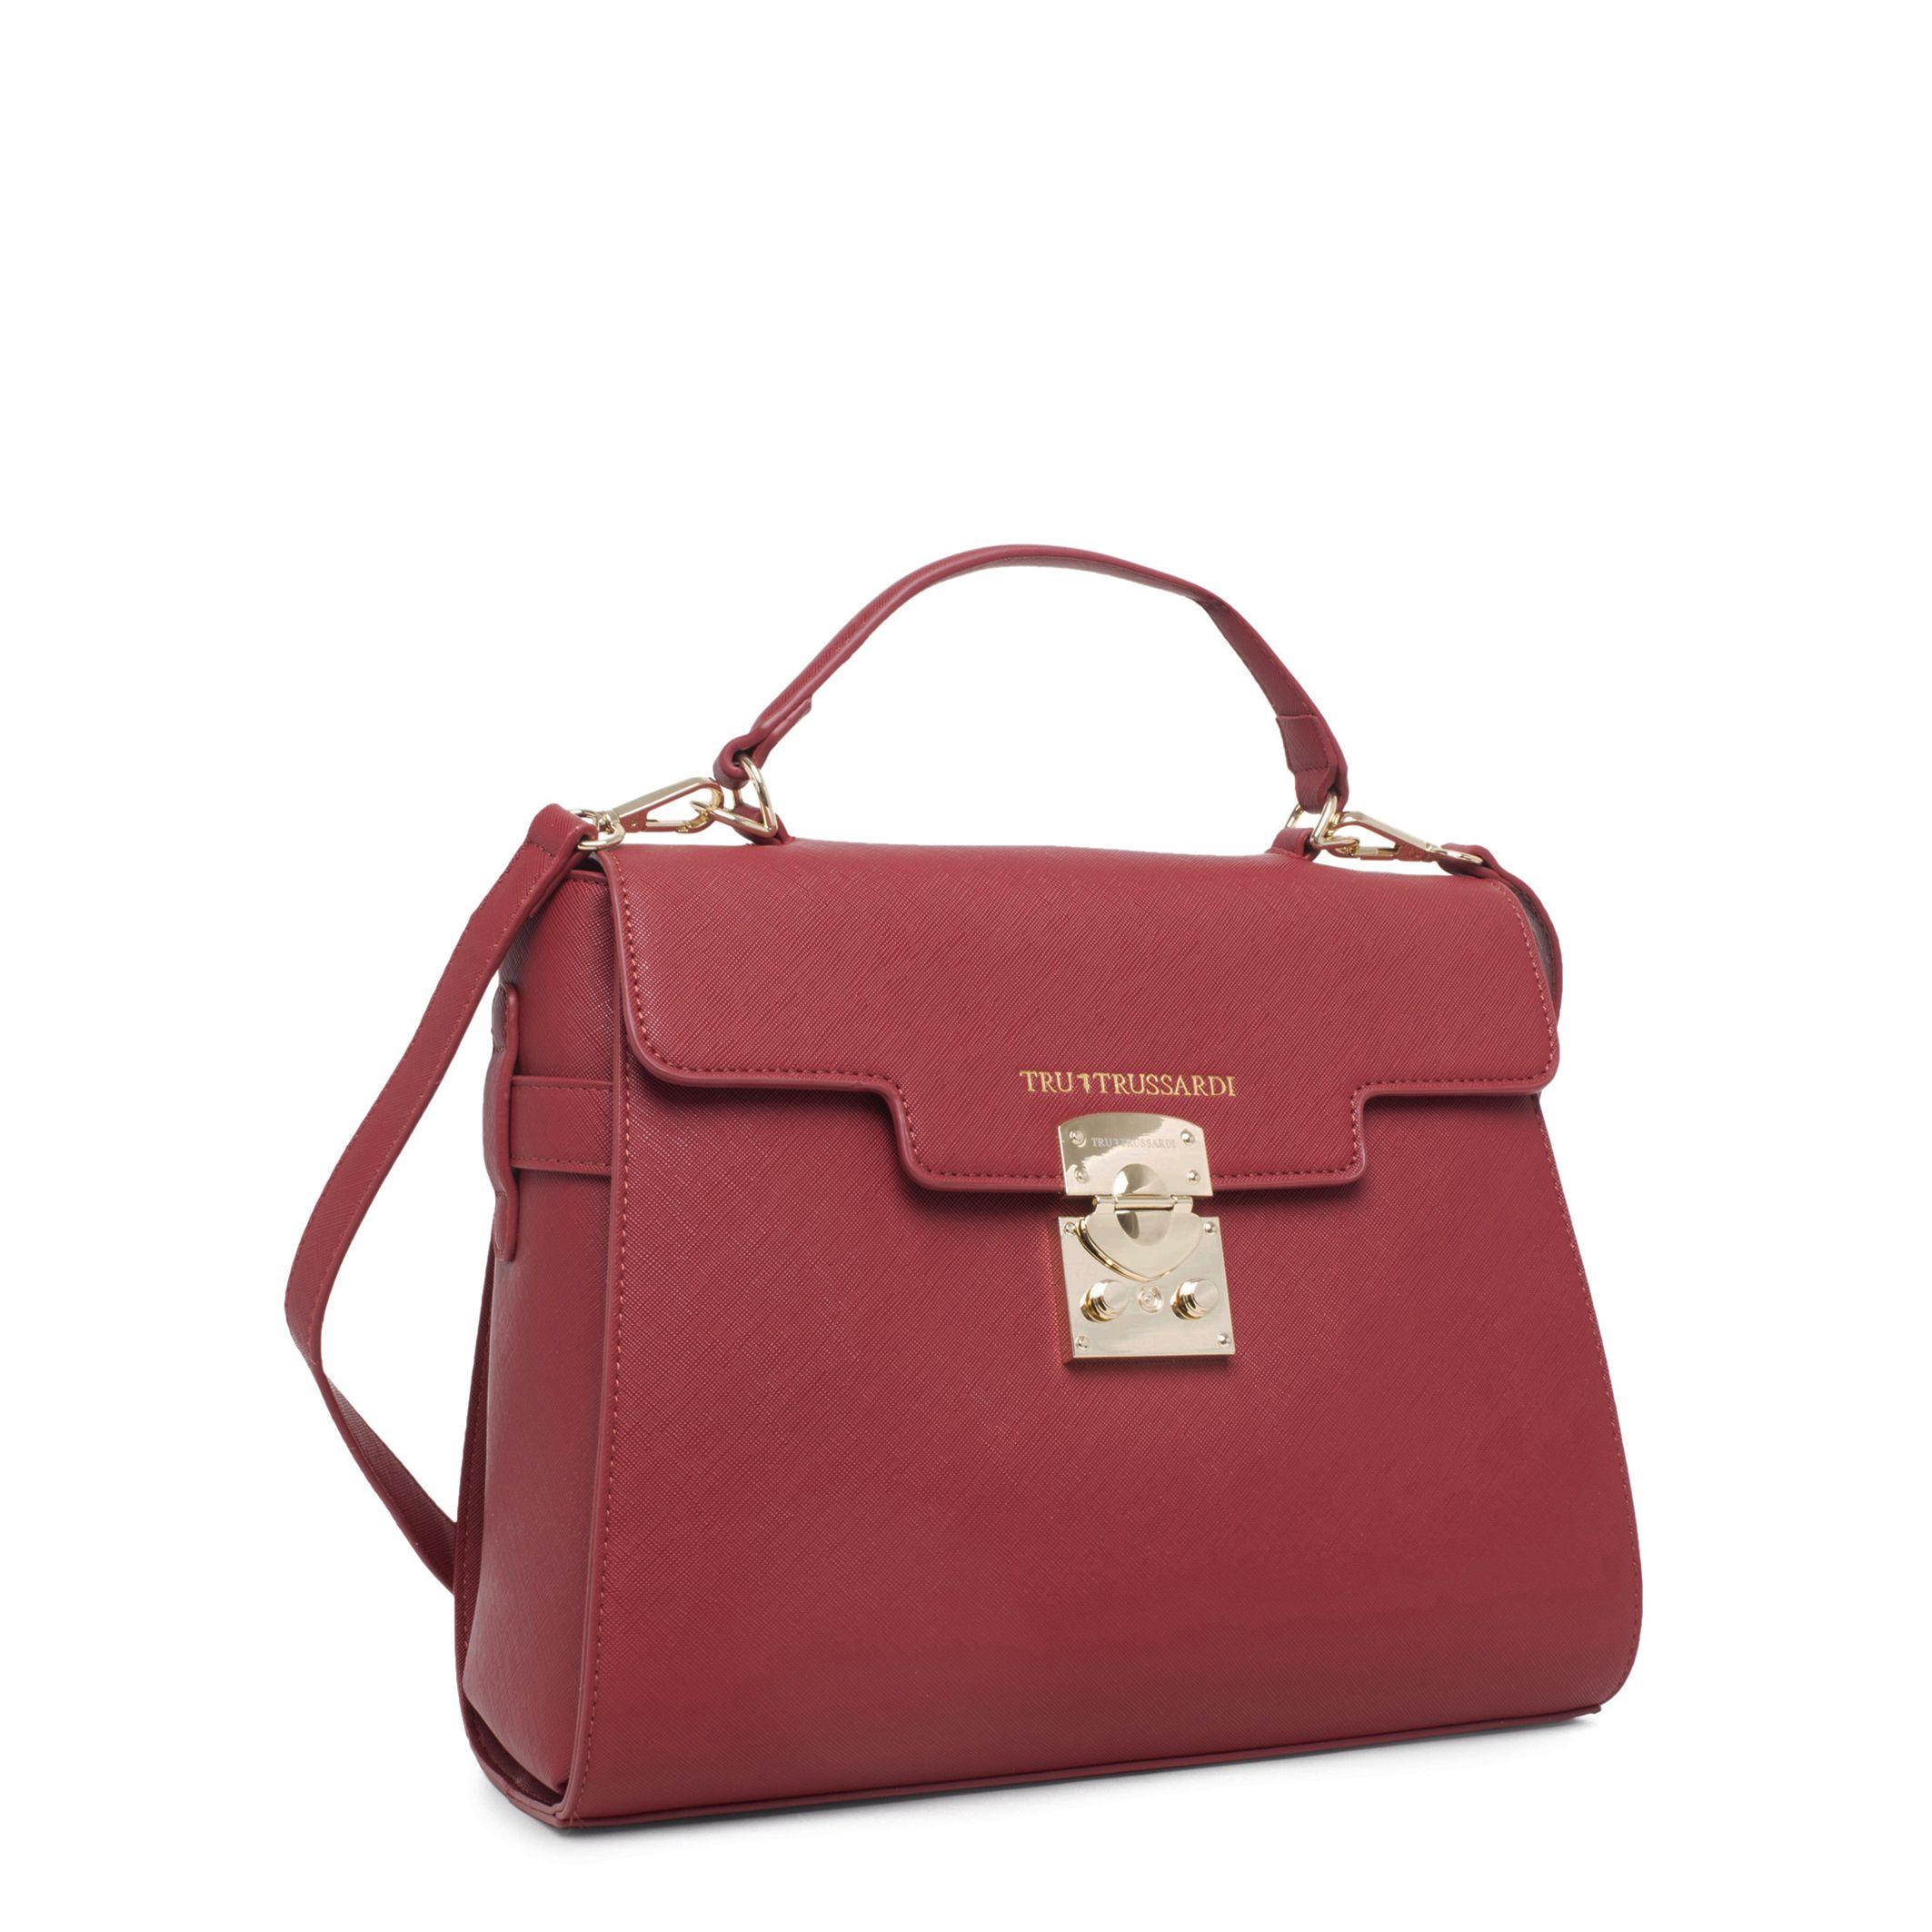 Handtaschen Trussardi – 76BTBLDS03 – Rot